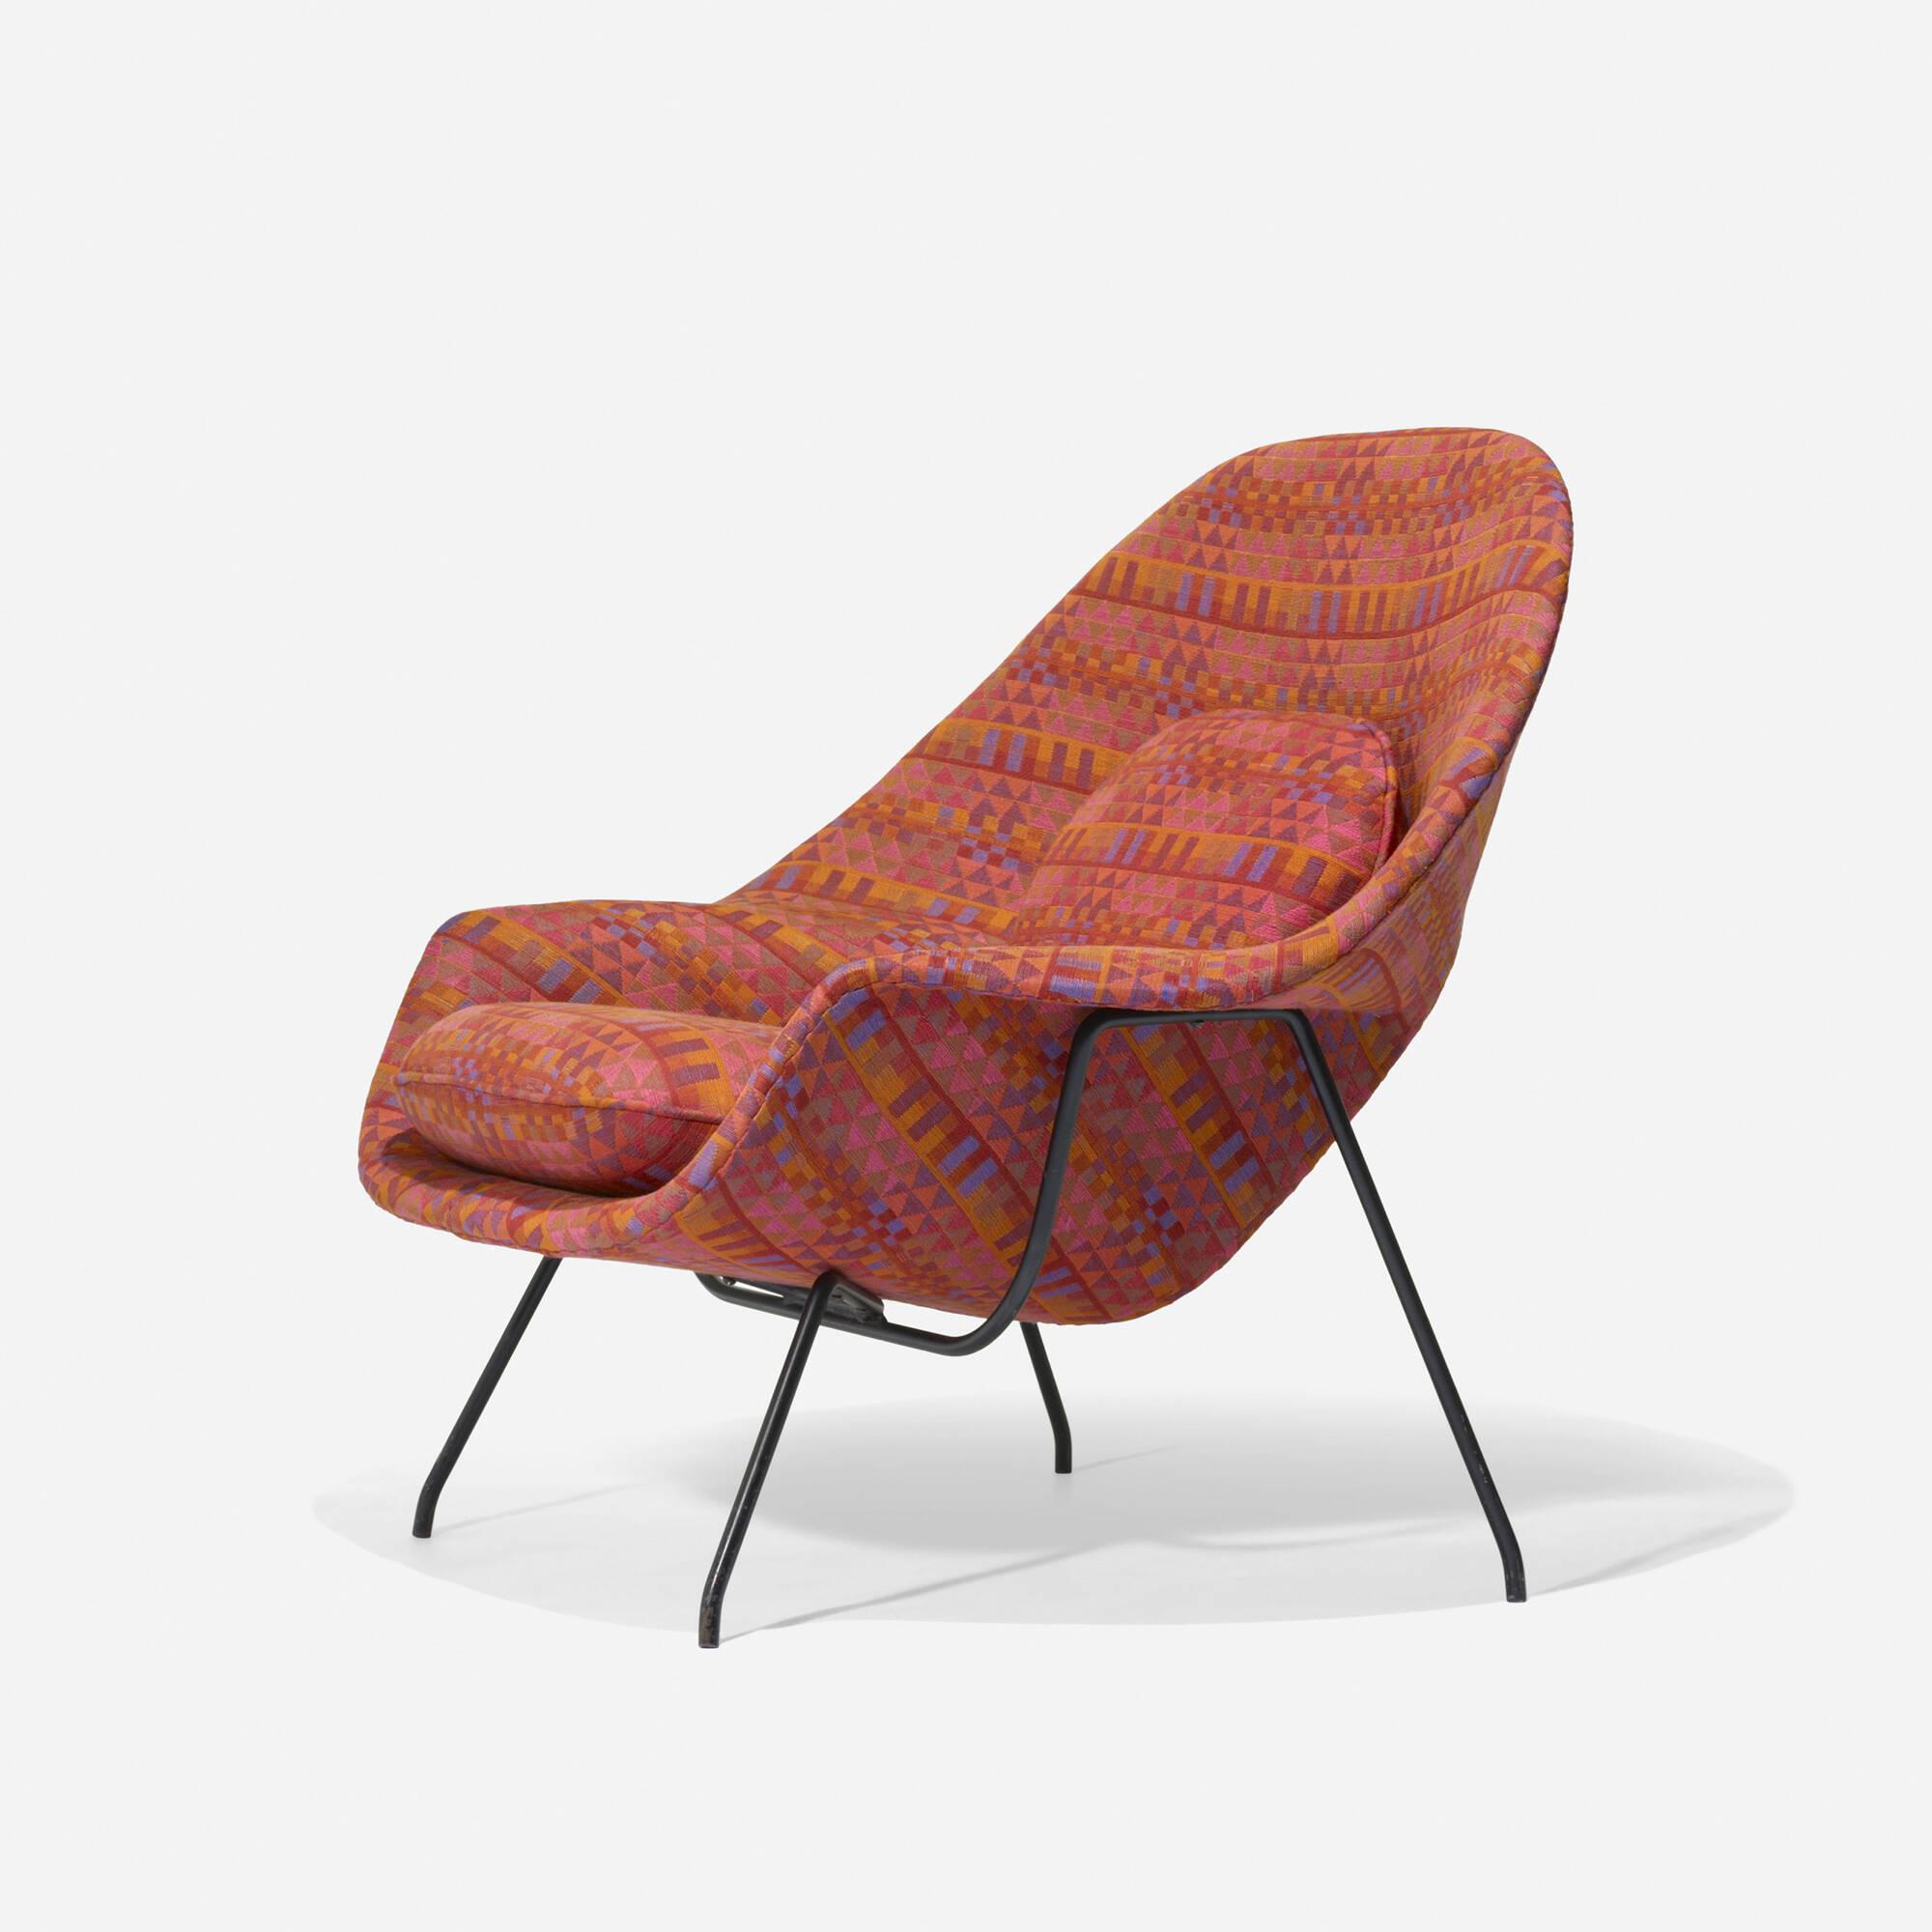 169 Eero Saarinen Prototype Womb Chair 2 Of 3